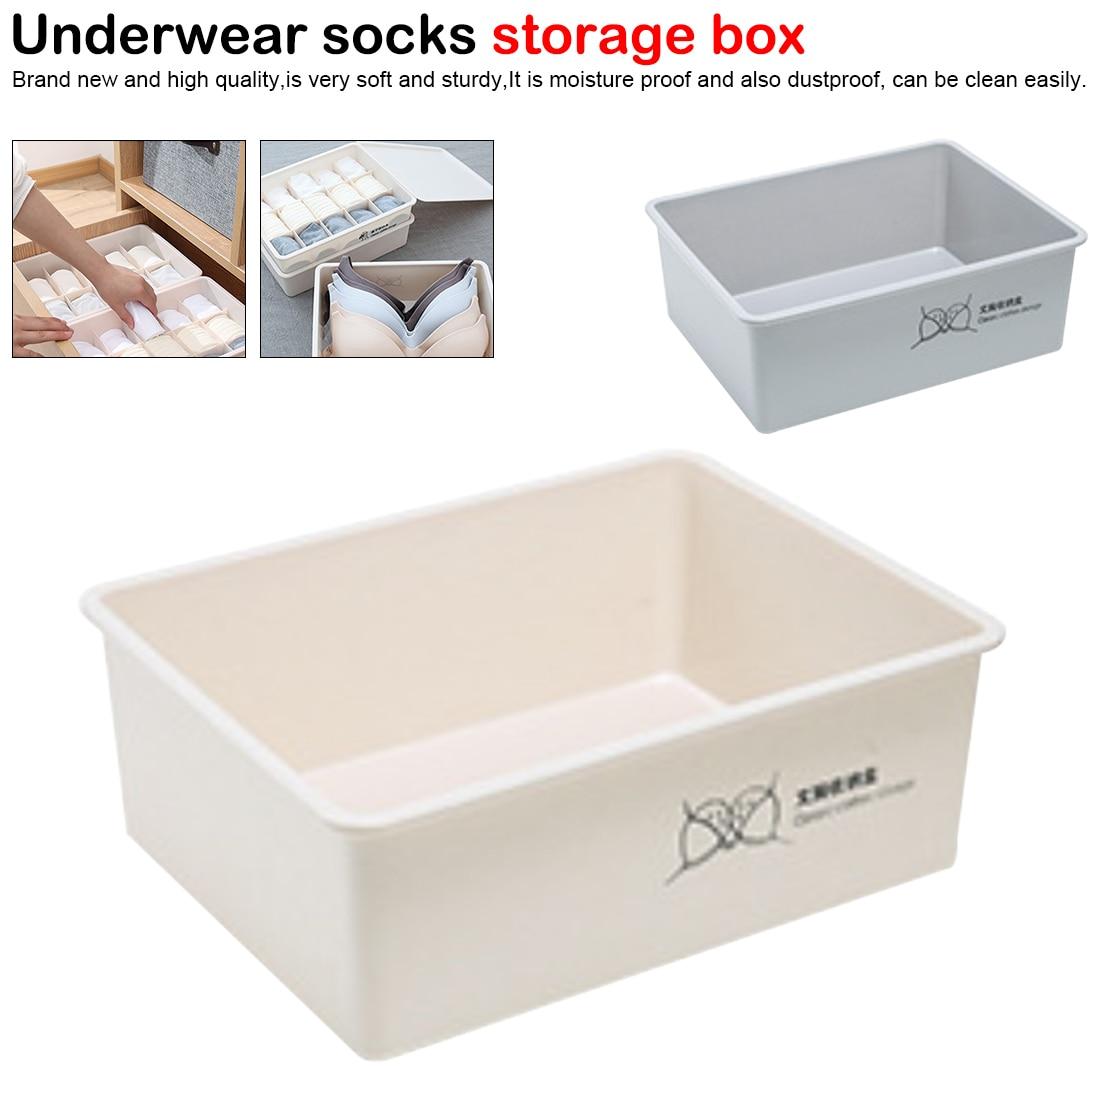 boxes:  Multi-size Underwear Organizer Drawer Divider Home Storage Boxes For Underwear Socks Ties Bra Closet Bra 10 15 Grids - Martin's & Co